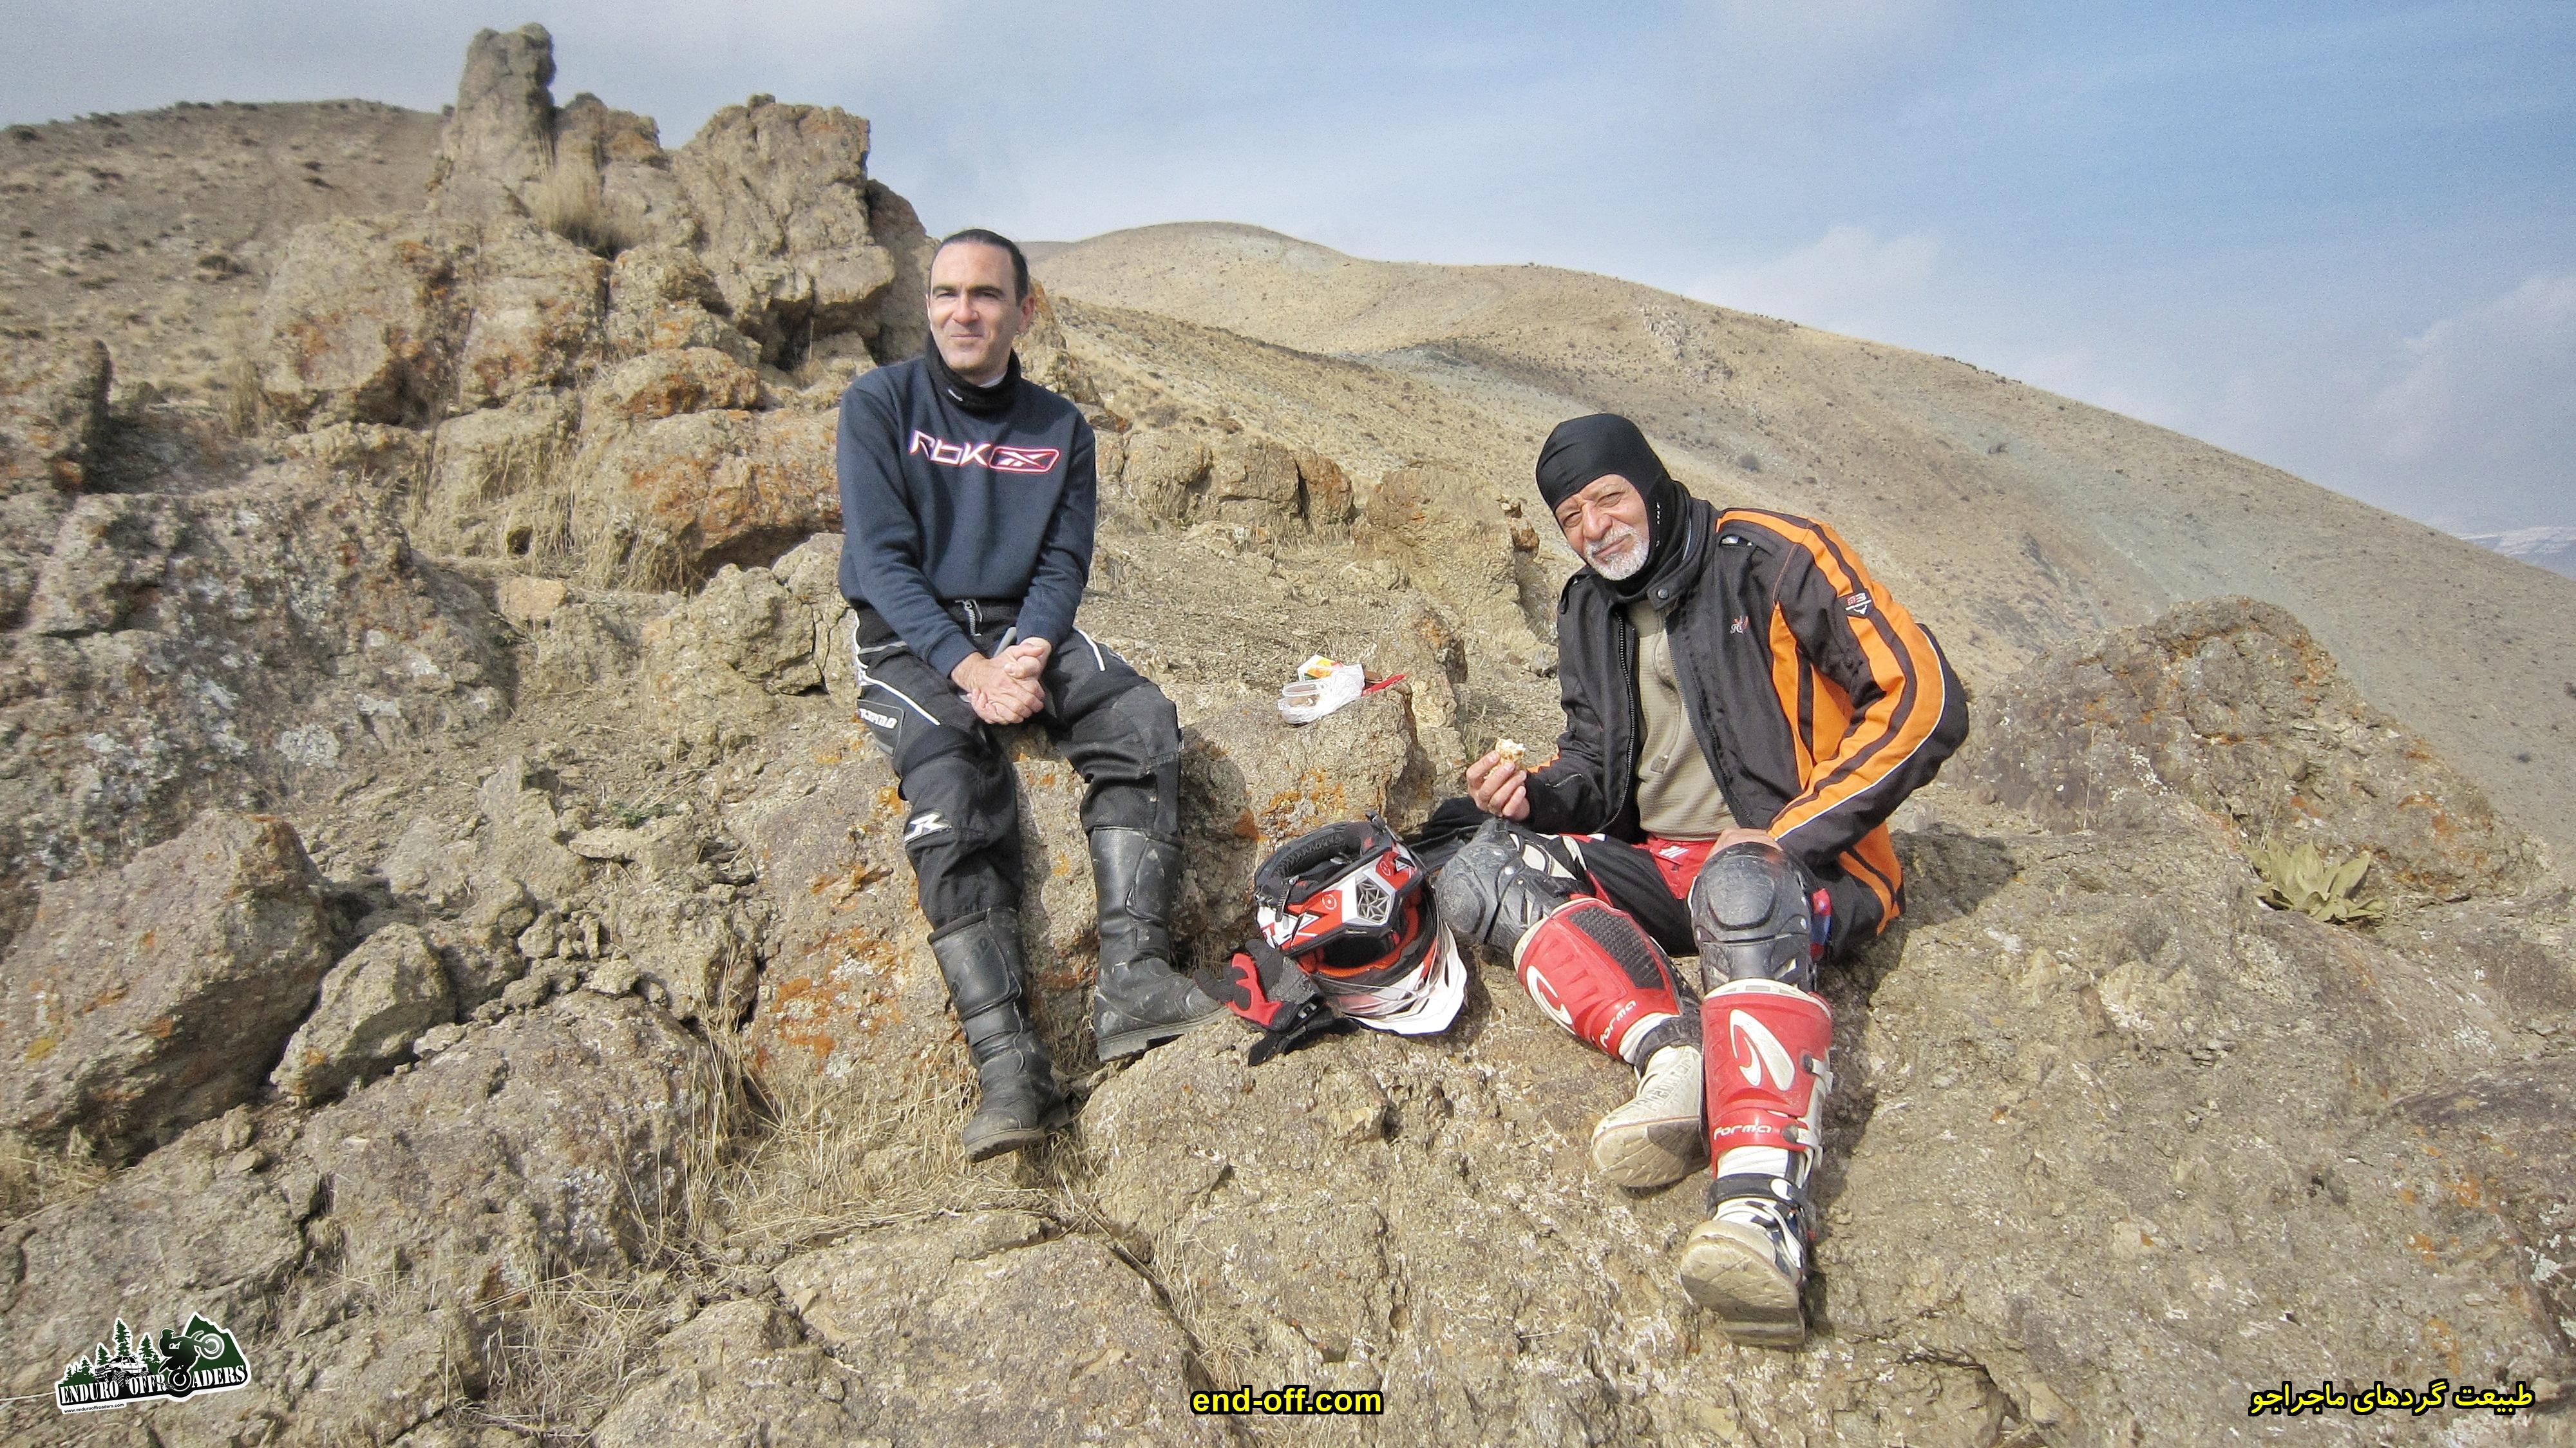 ارتفاعات وردیج و واریش - زمستان 1399 2020